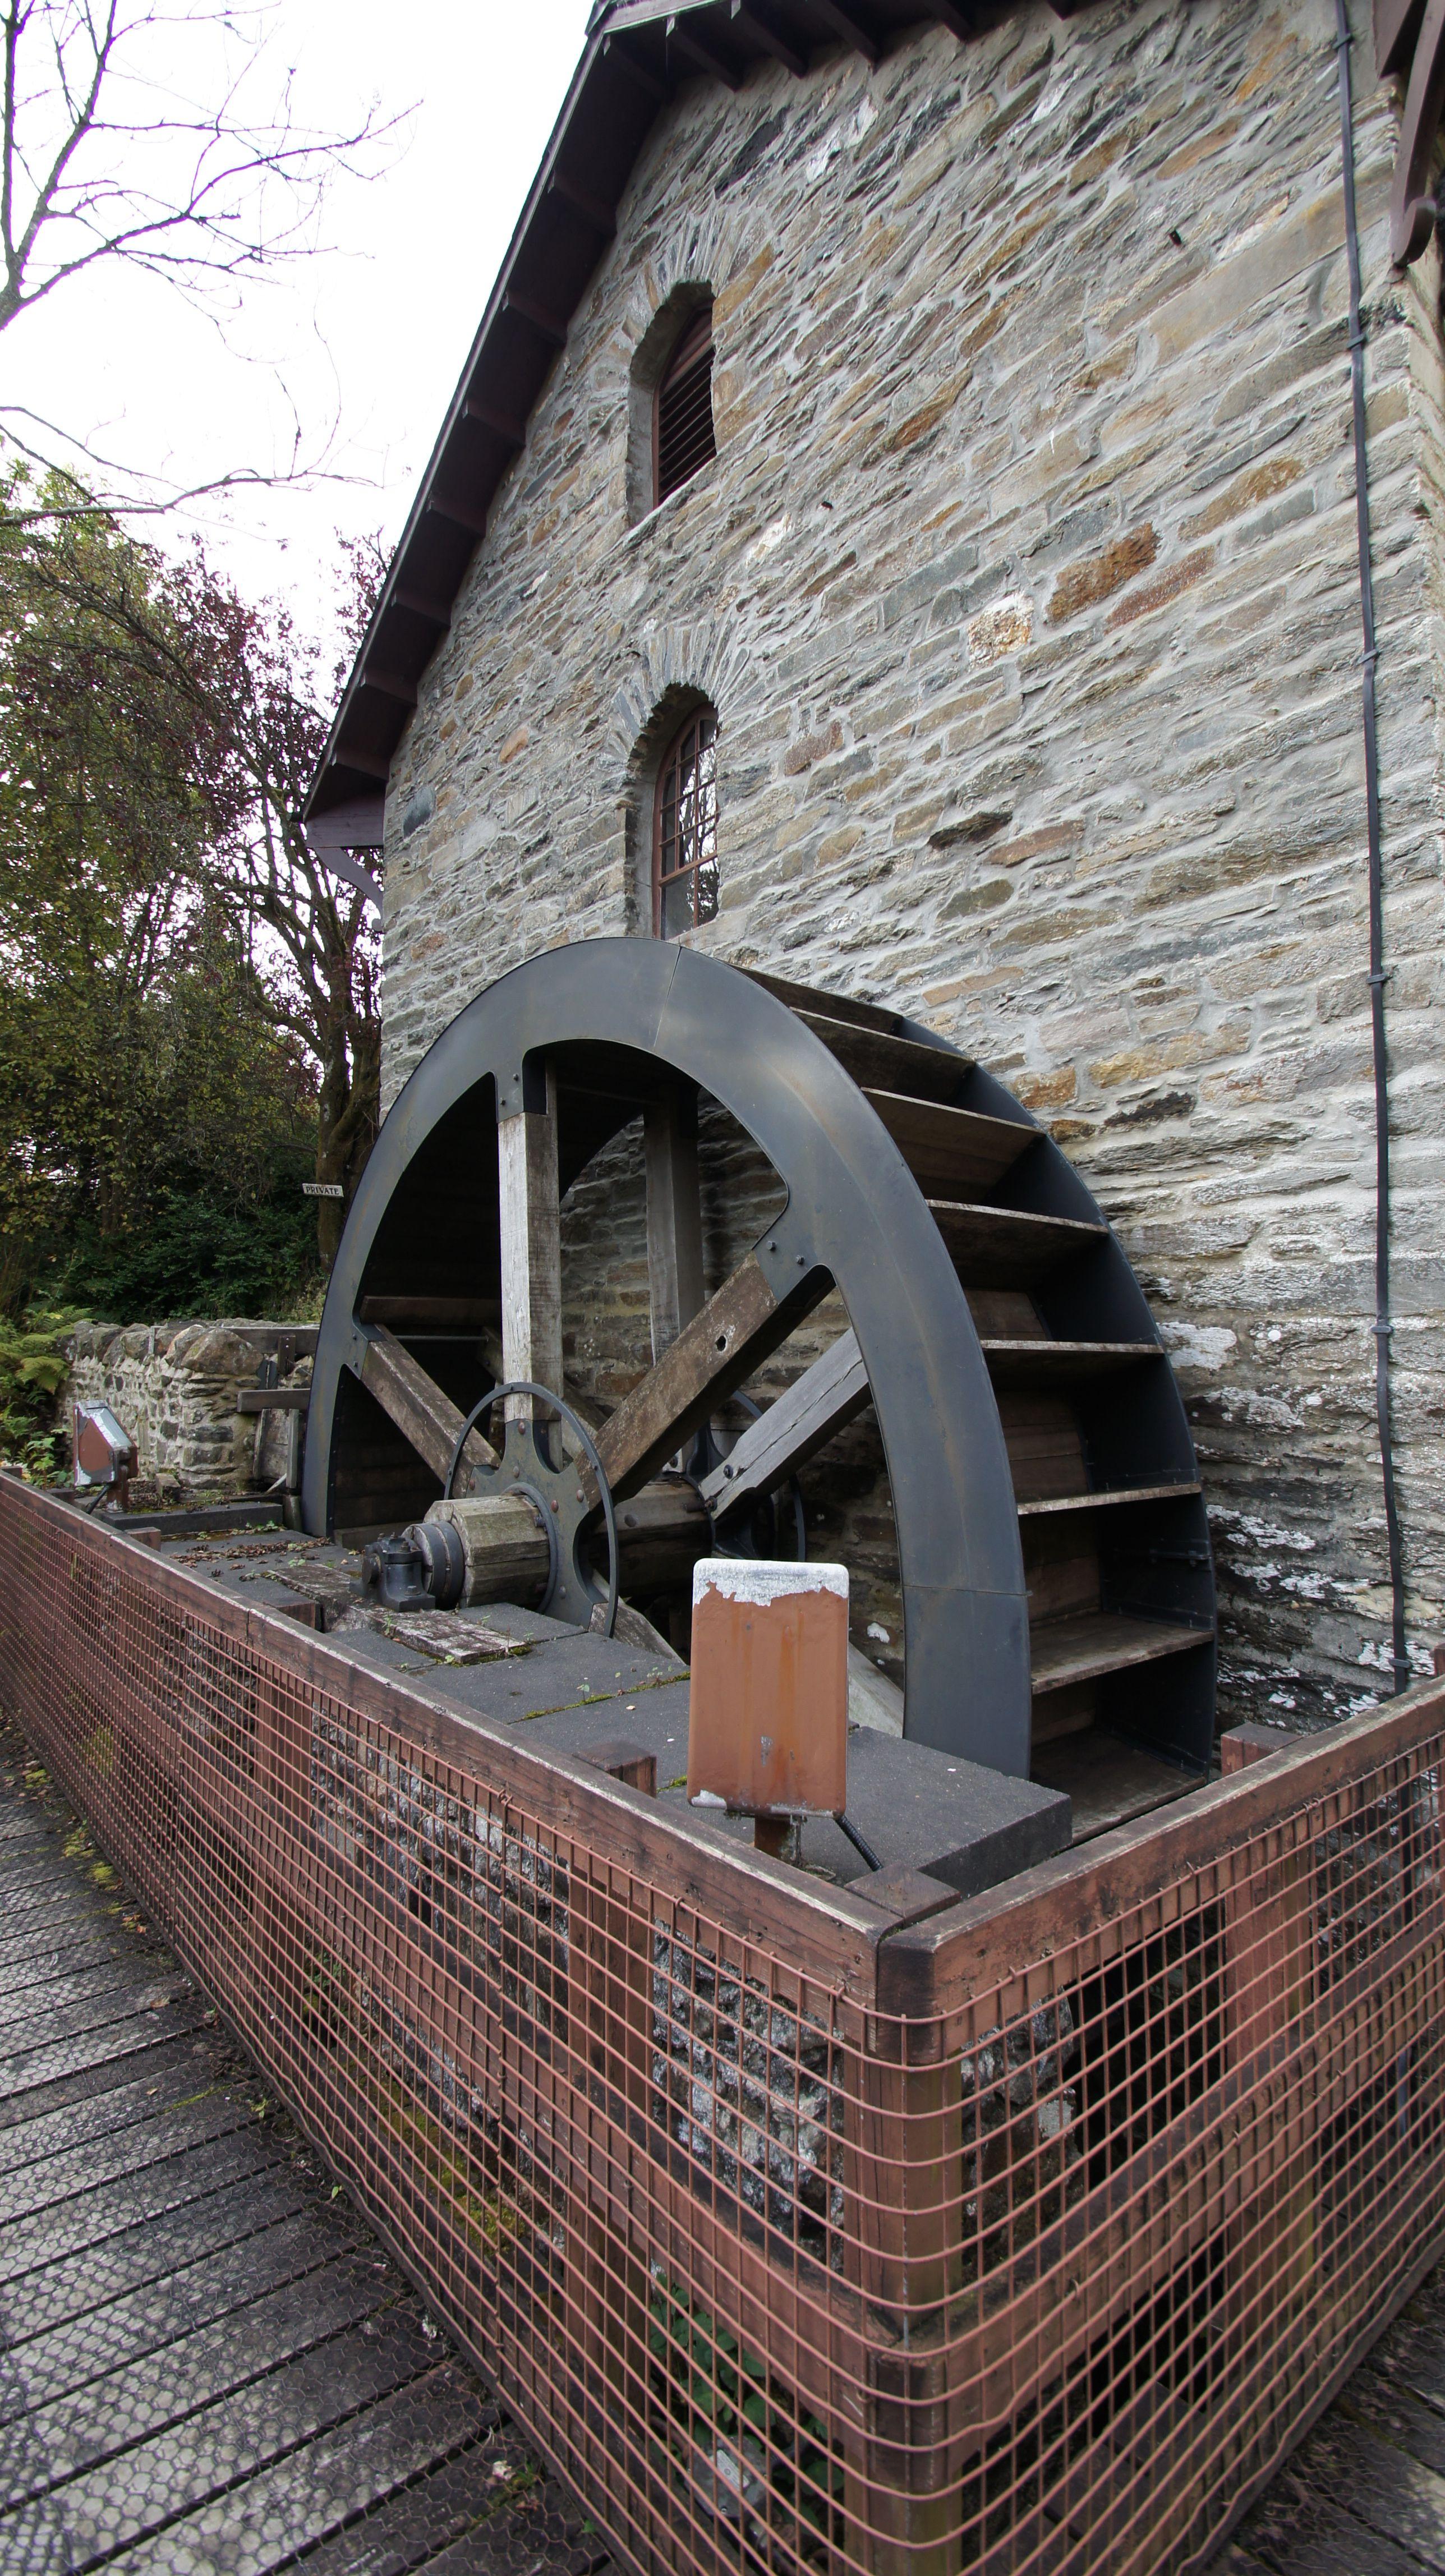 Waterwheel at Killin